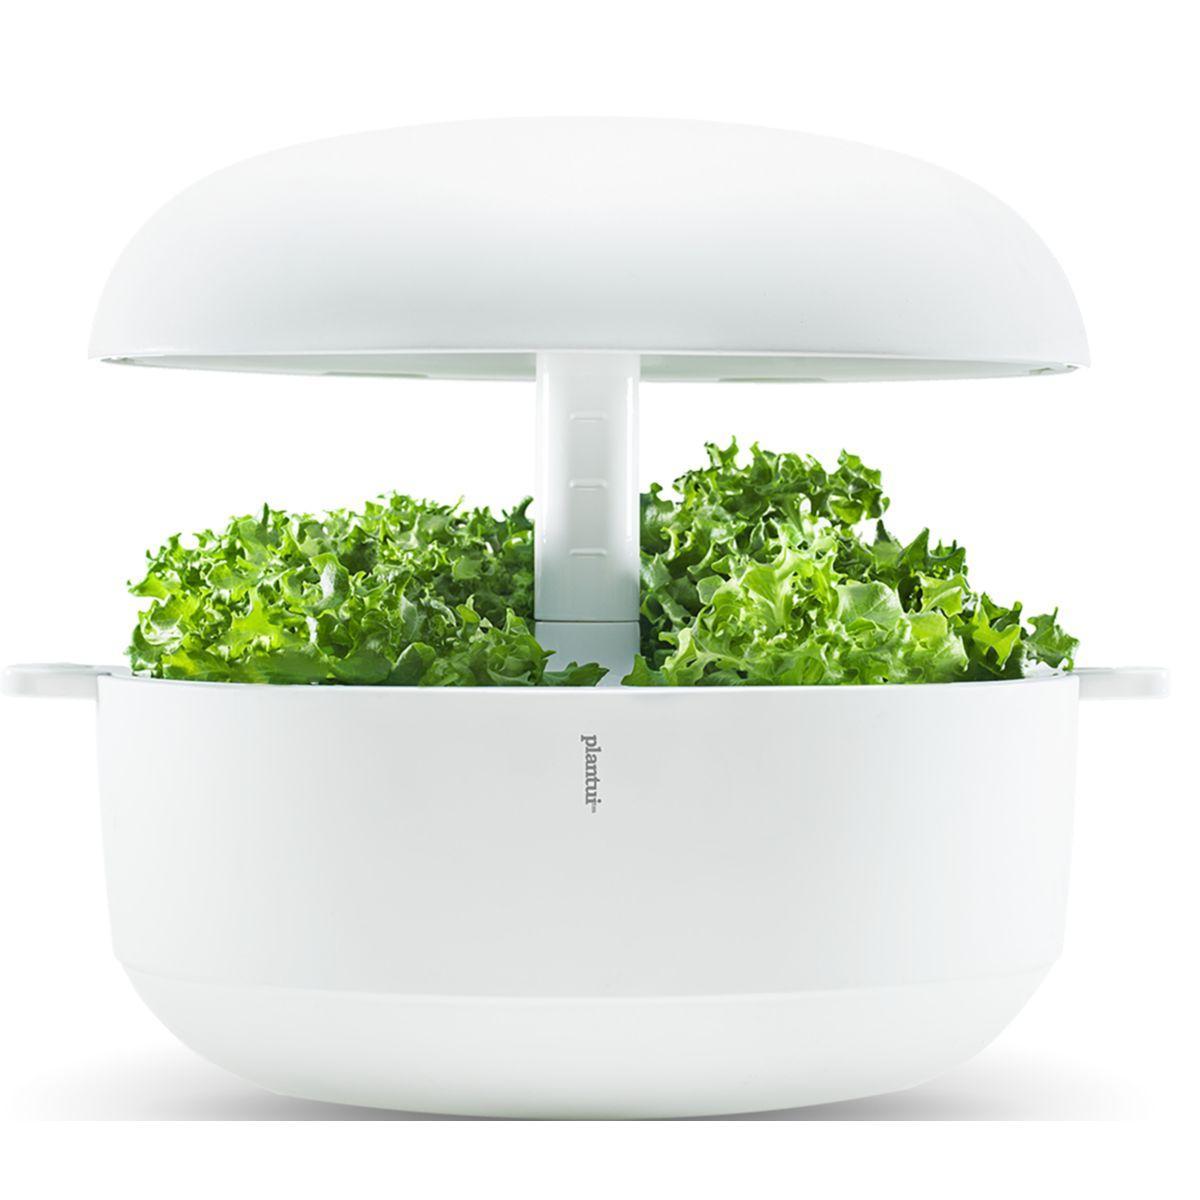 Jardin d'int�rieur plantui 6 smart garden blanc - 2% de remise imm�diate avec le code : deal2 (photo)